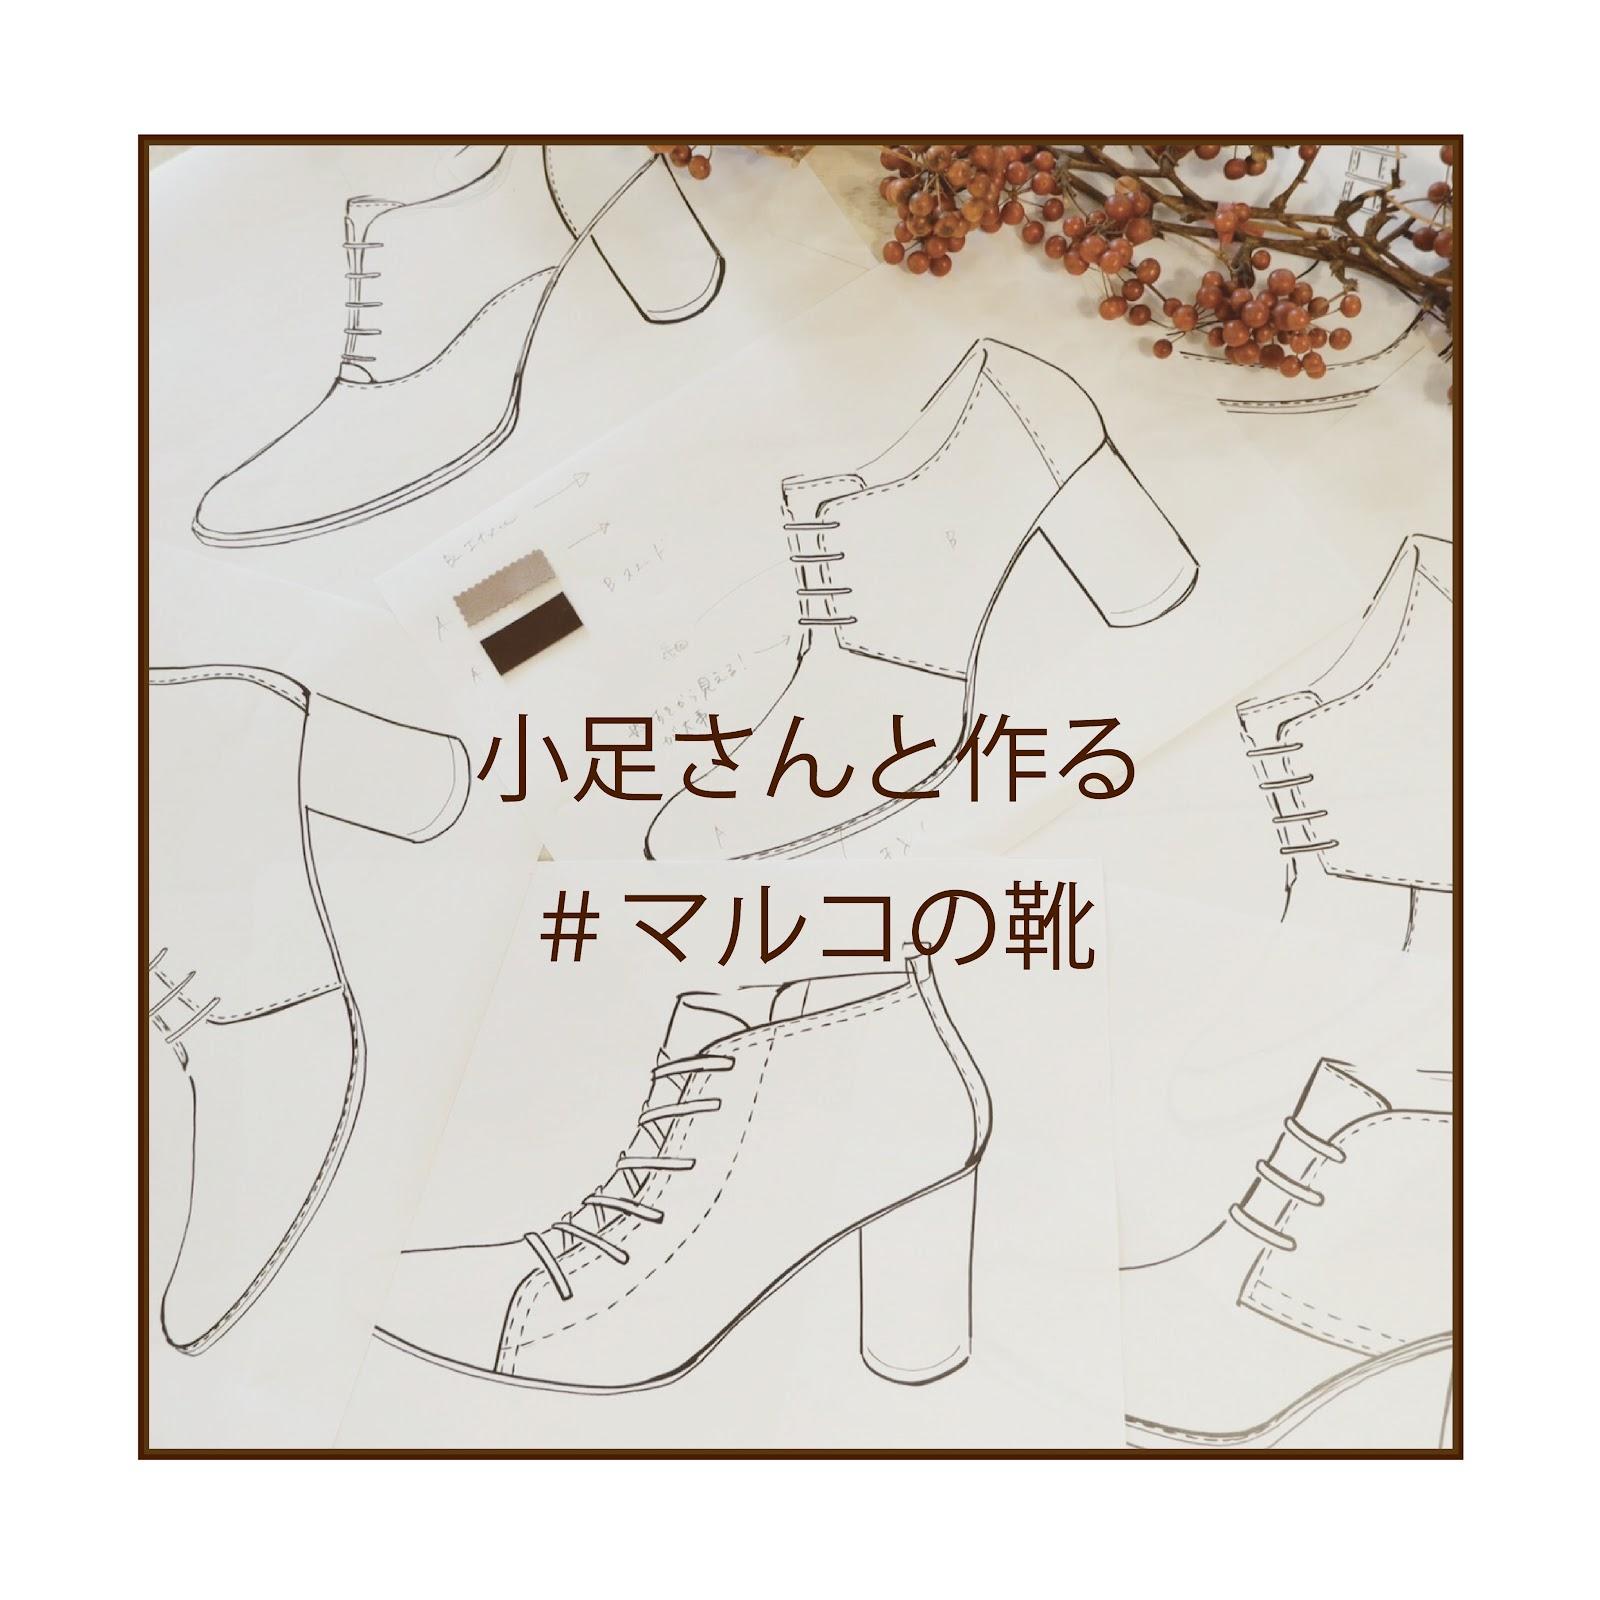 小足さんと作る#マルコの靴 2nd meeting【デザイン編】